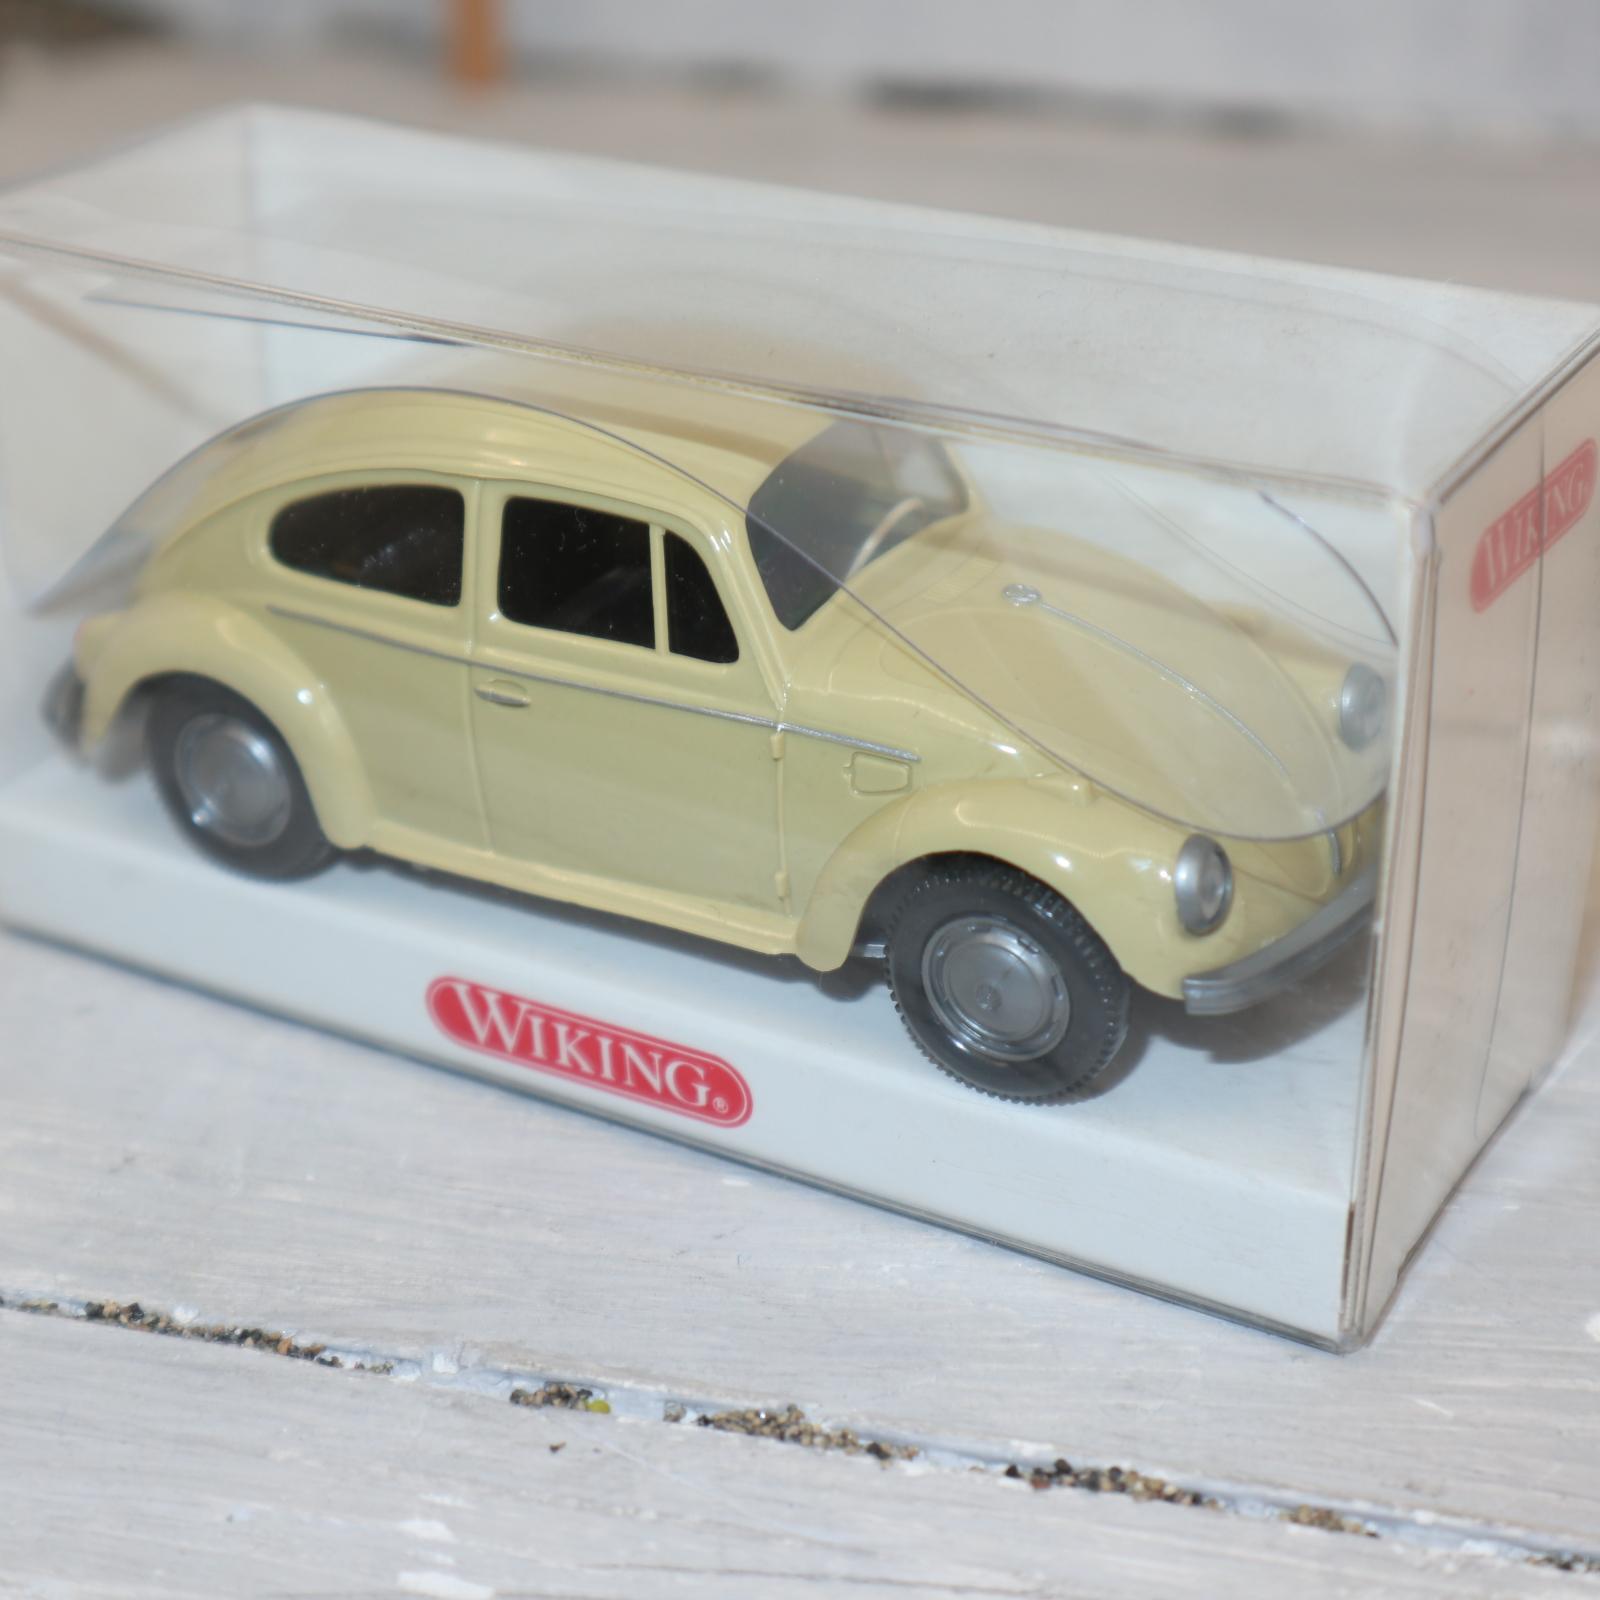 Wiking 7610239, 1:40 Käfer in beige, großes Heckfenster, NEU in OVP